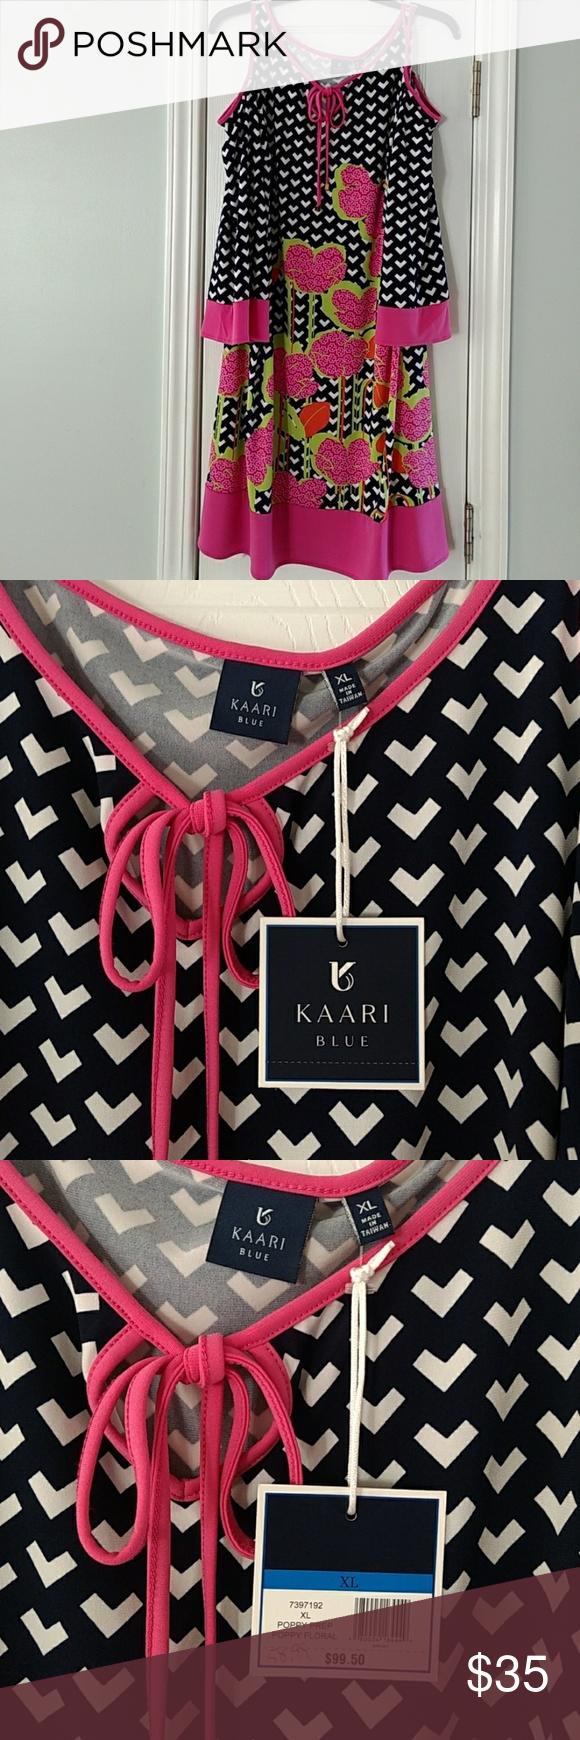 Kaari Blue Dress New With Tags Kaari Blue Dresses Midi Blue Dresses Clothes Design Blue Midi Dress [ 1740 x 580 Pixel ]